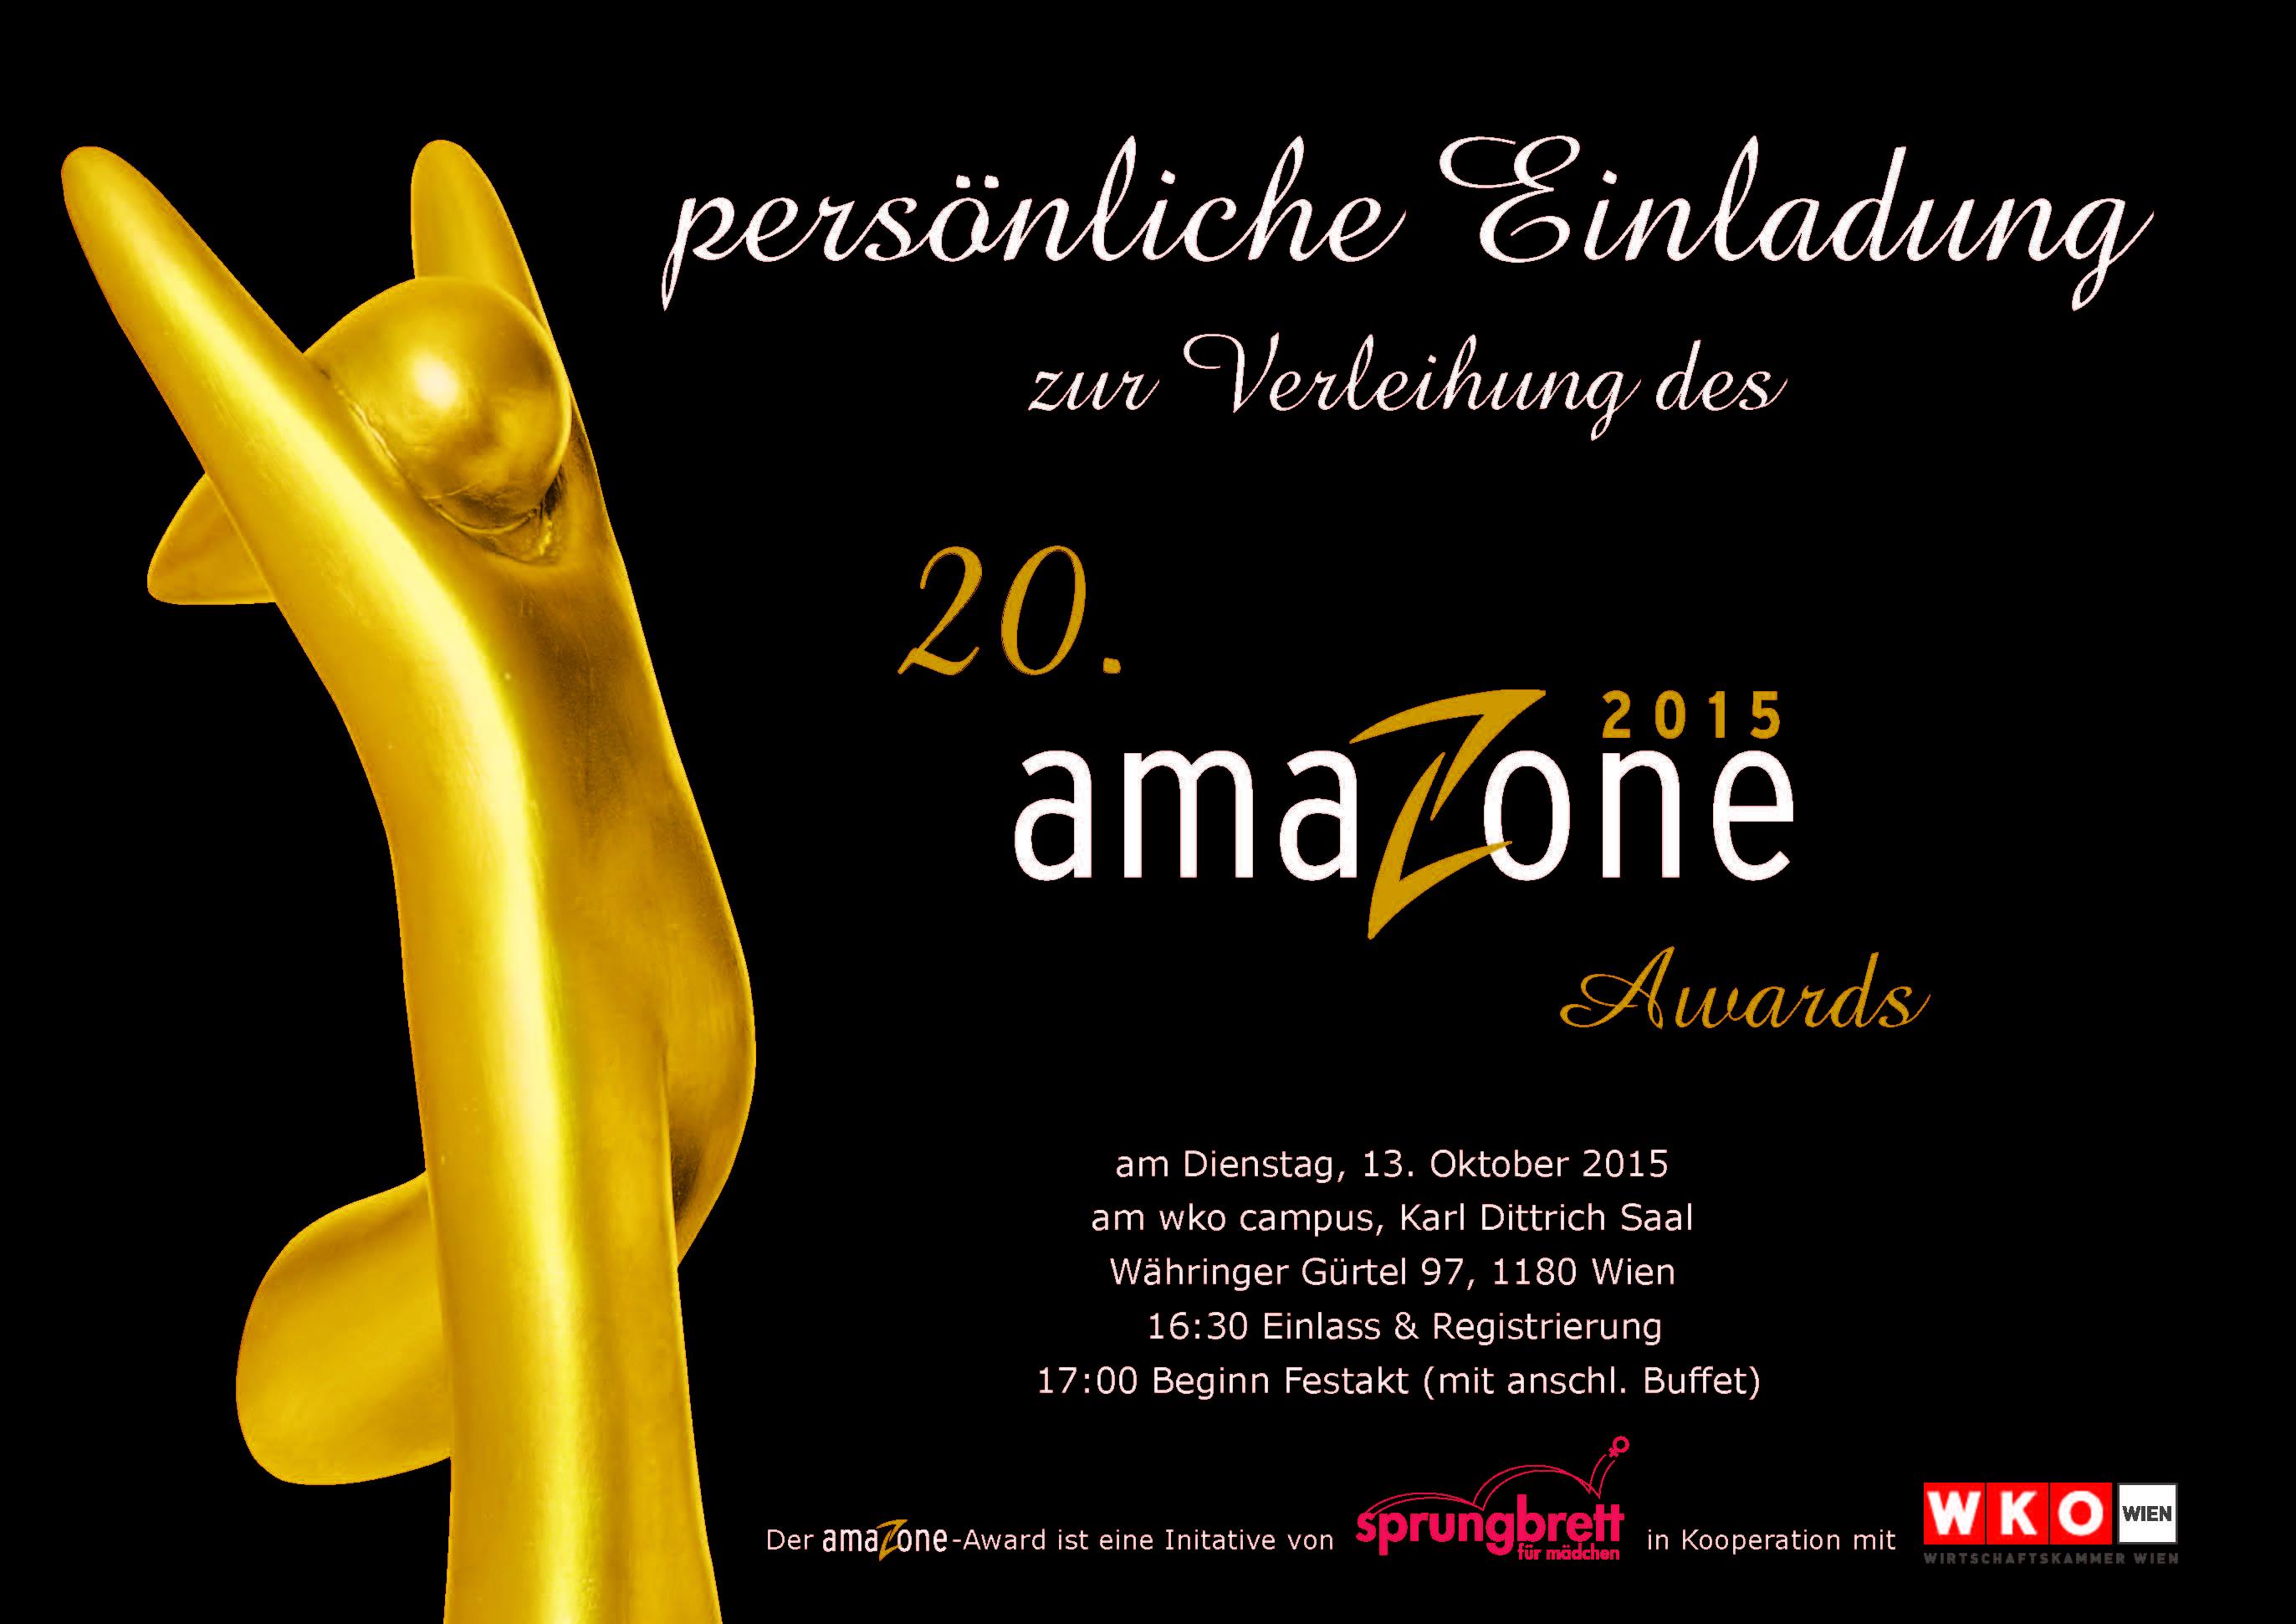 Einladung zum 20. amaZone Award